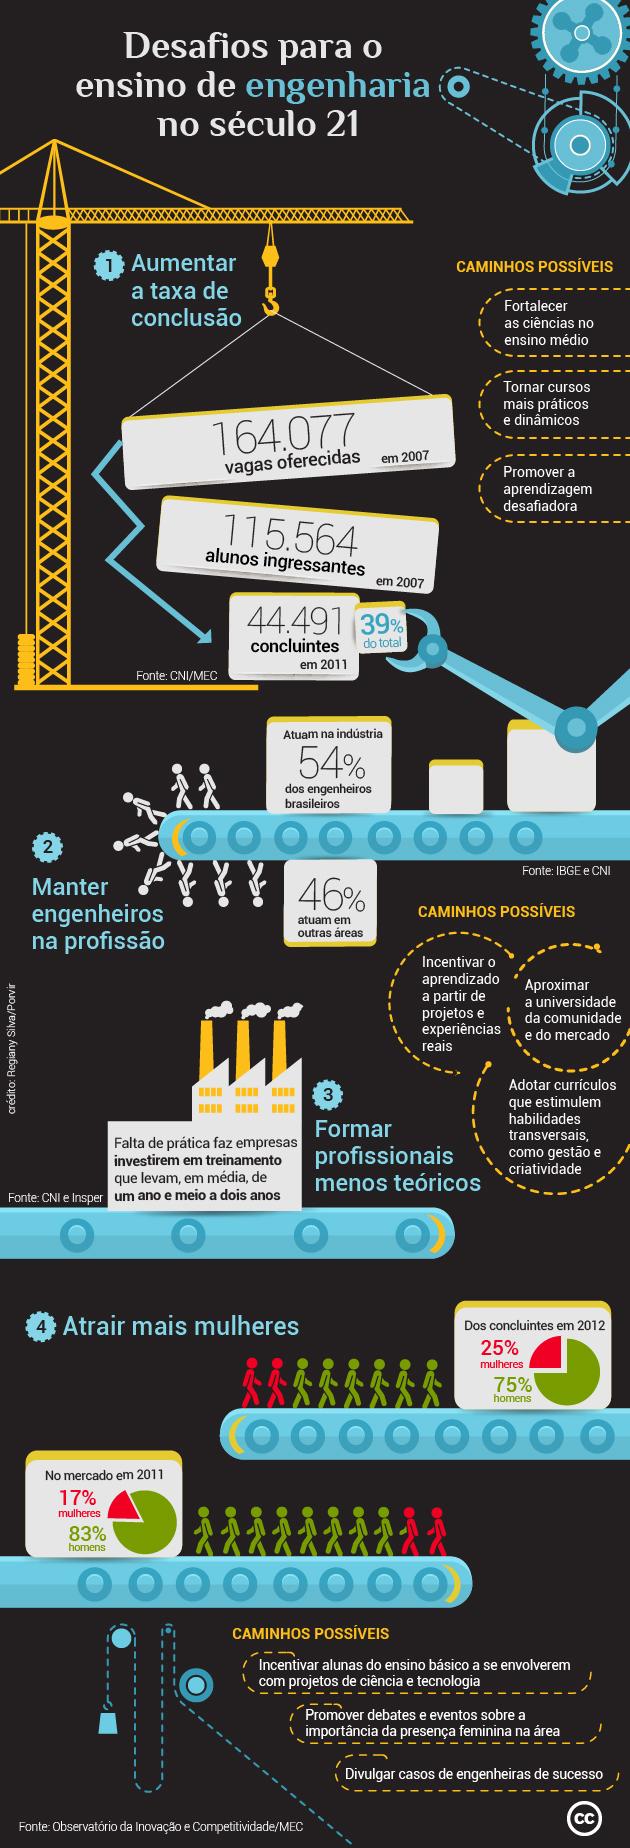 Infográfico traz desafios e possíveis caminhos para o ensino da engenharia